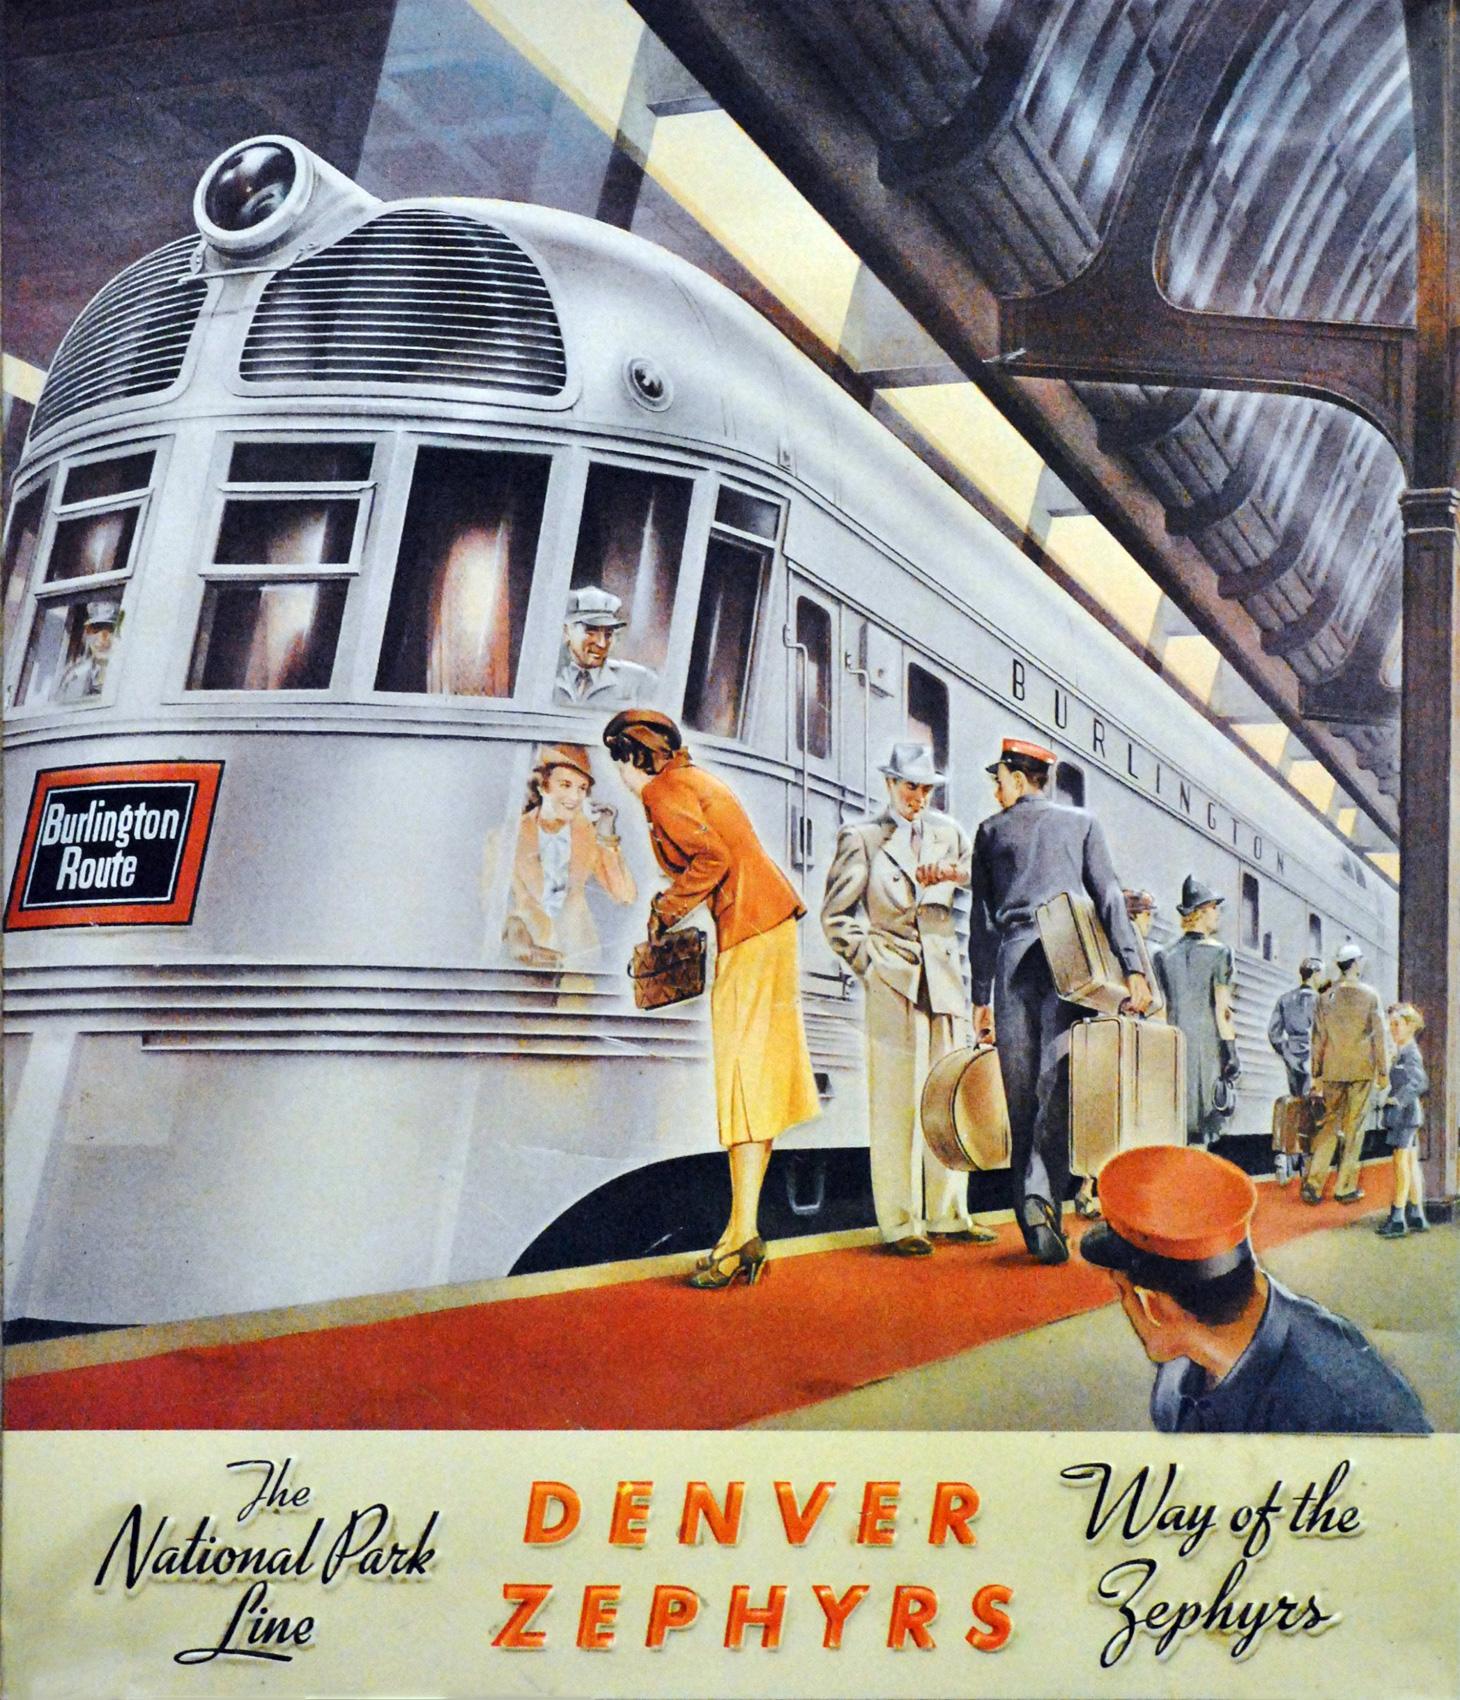 Denver Zephyrs